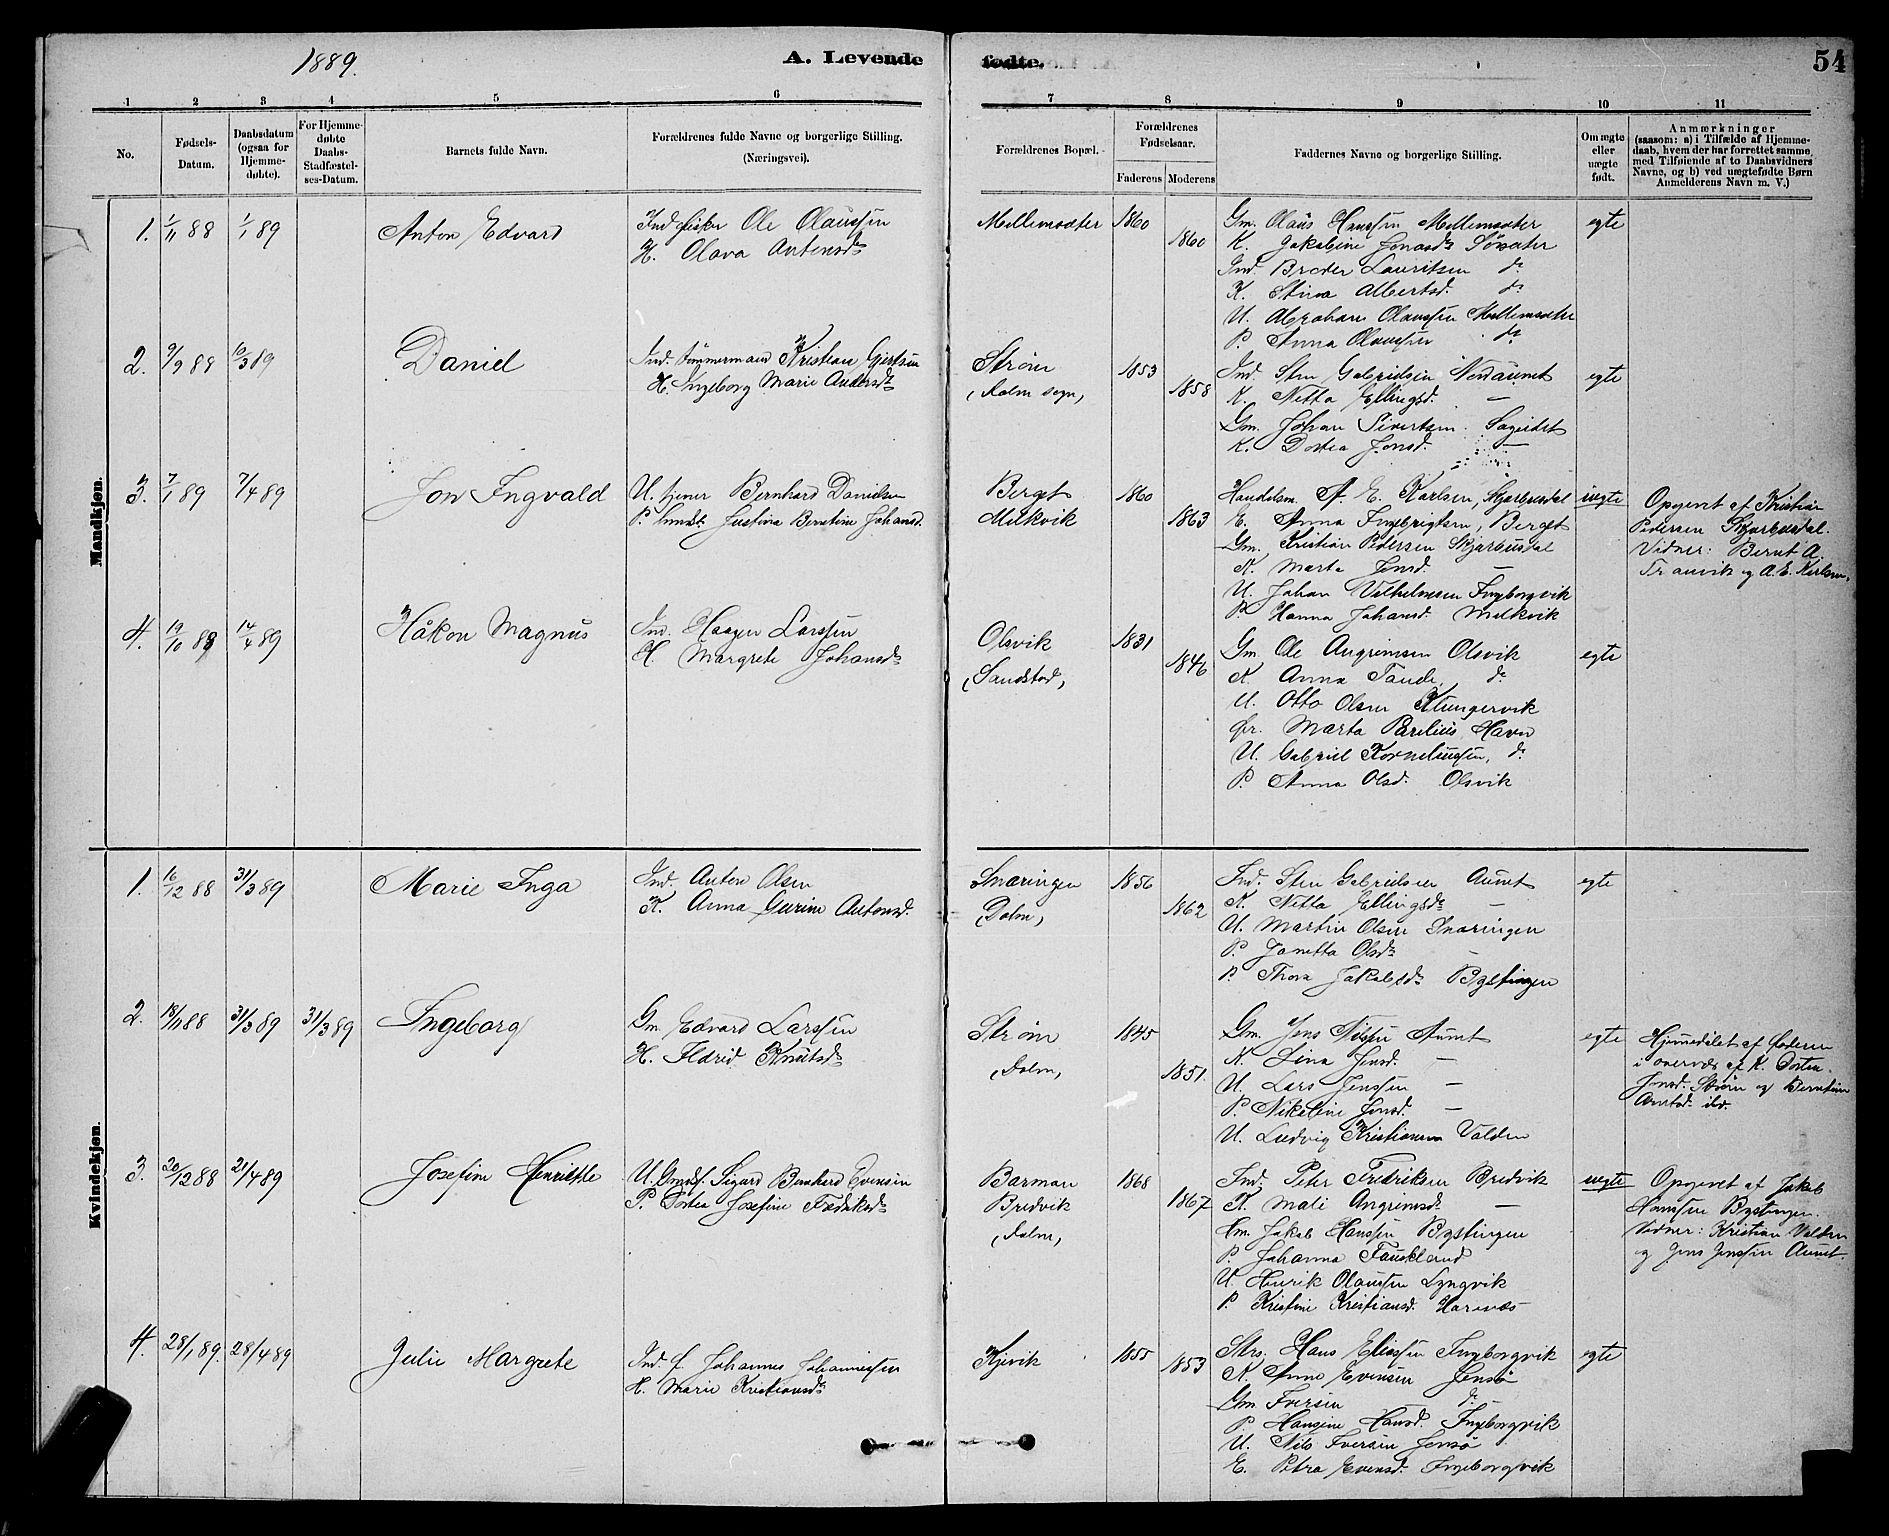 SAT, Ministerialprotokoller, klokkerbøker og fødselsregistre - Sør-Trøndelag, 637/L0562: Klokkerbok nr. 637C03, 1883-1898, s. 54